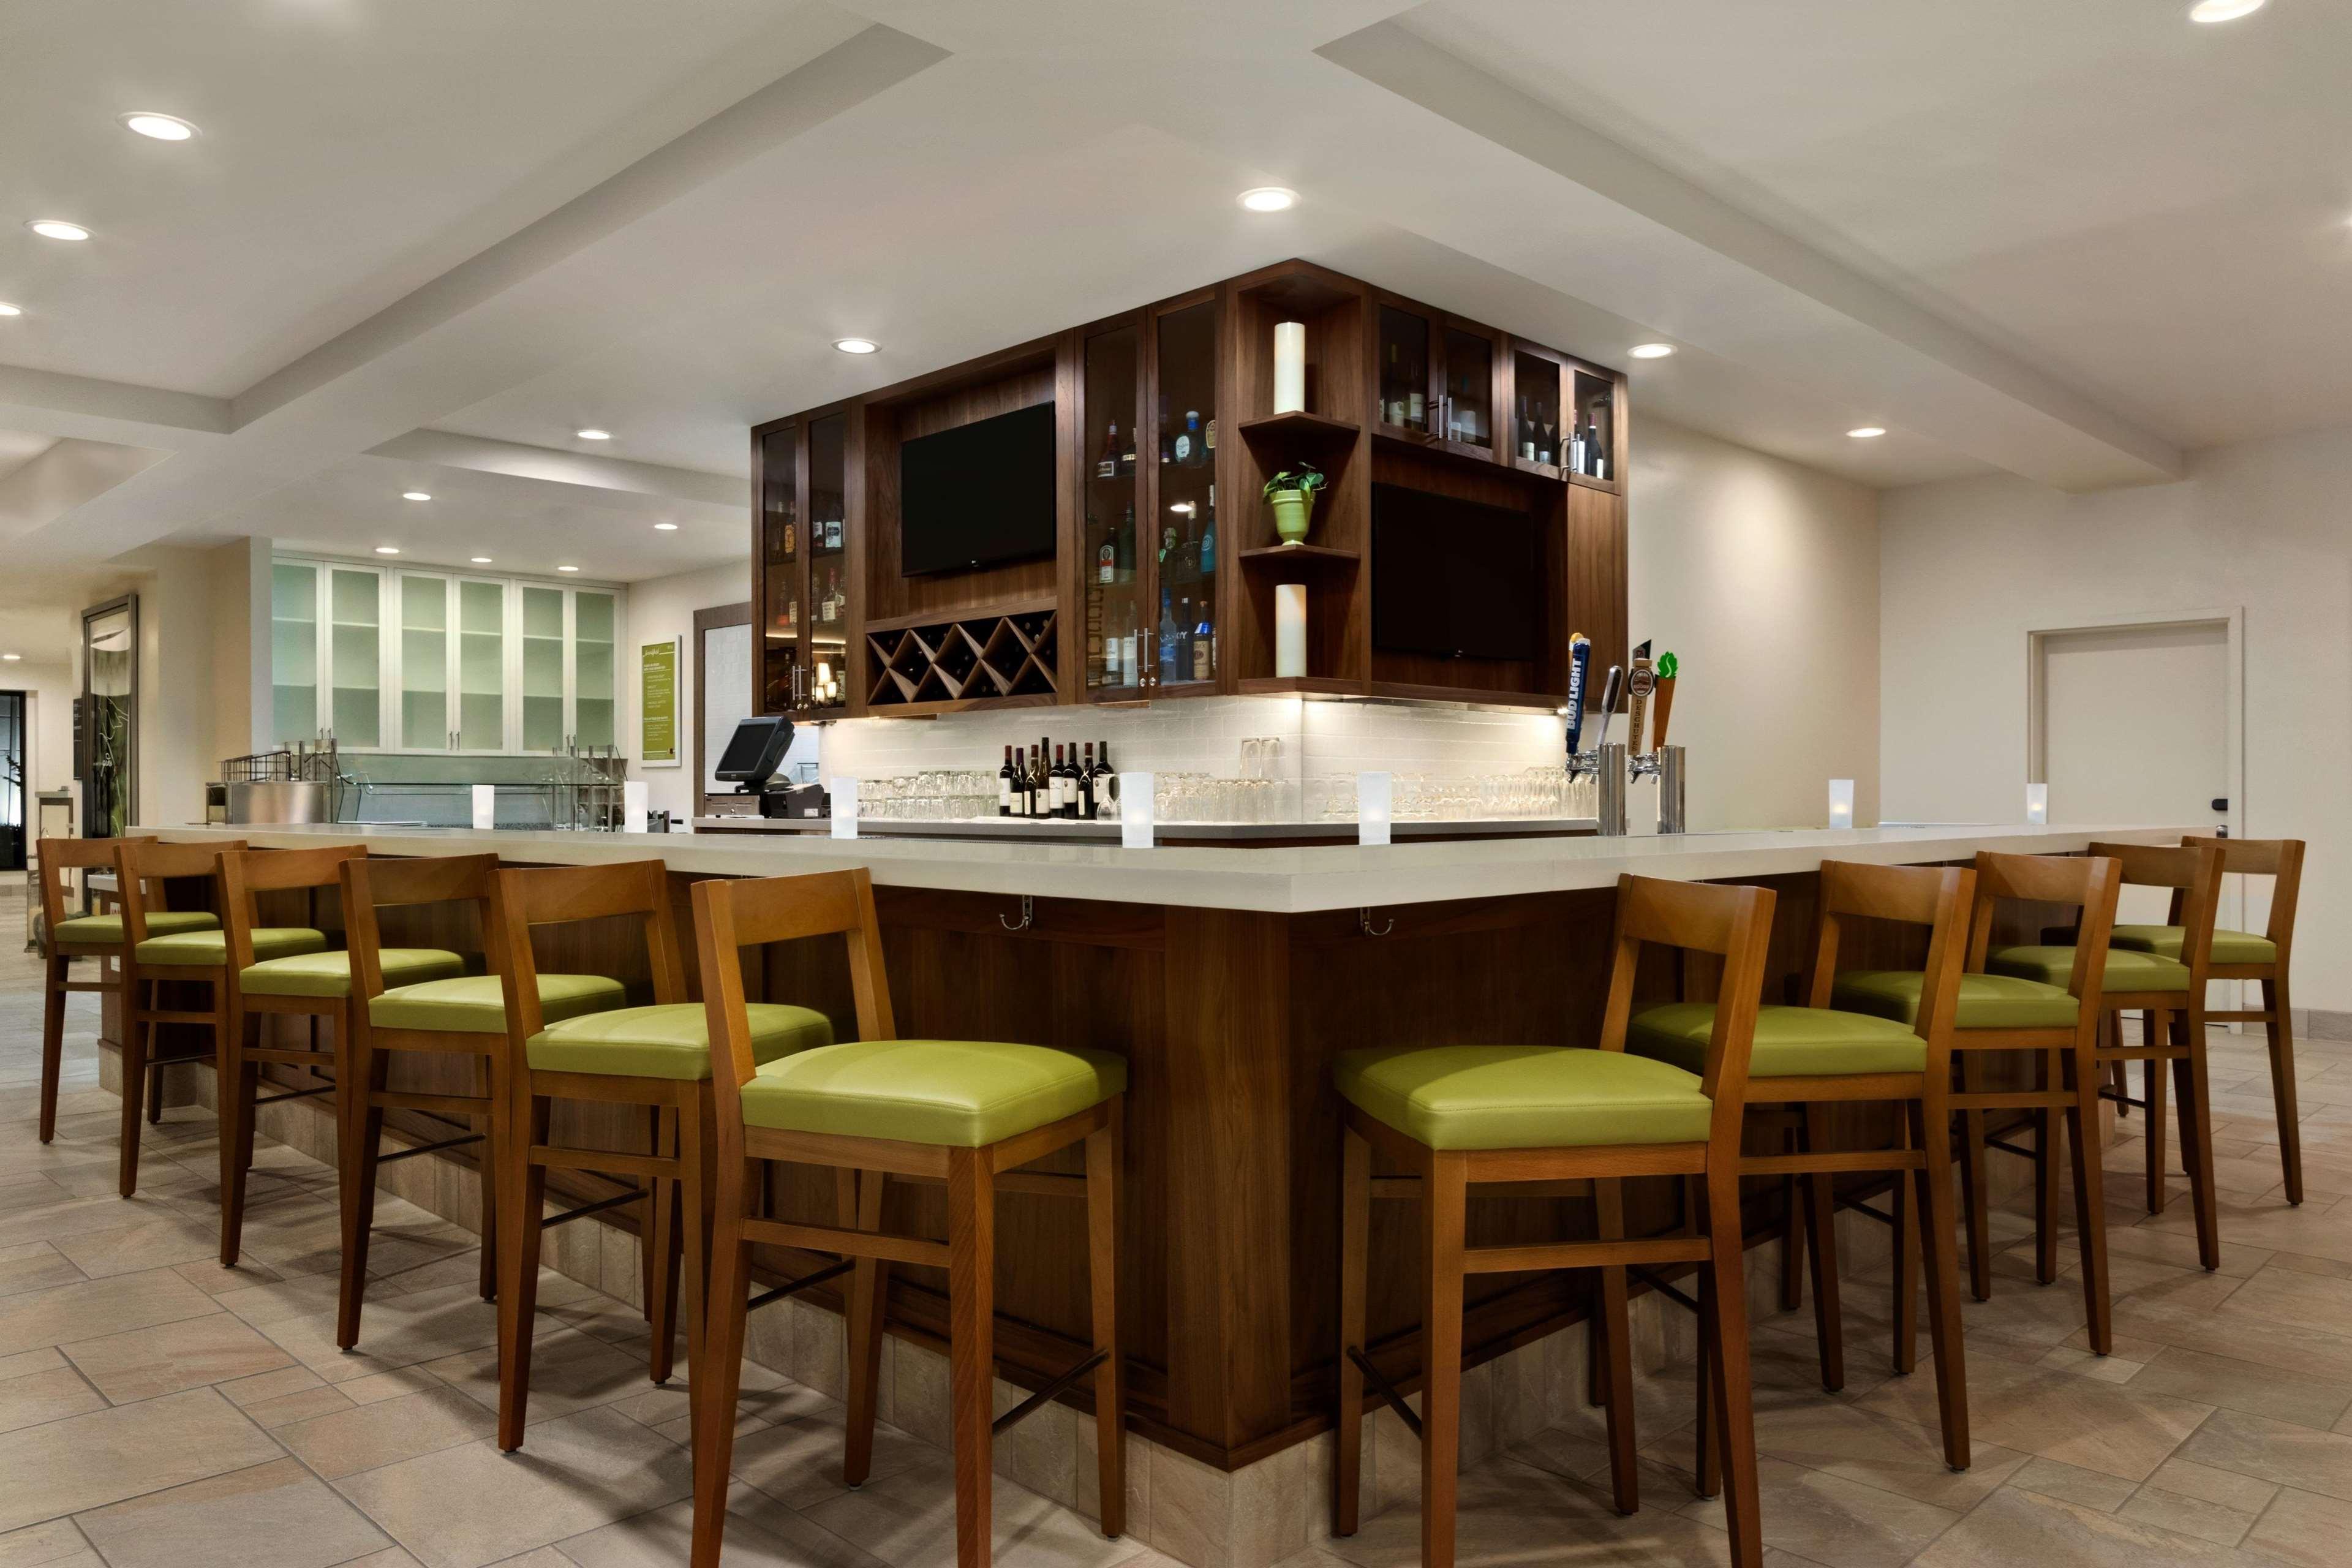 Hilton Garden Inn Medford image 11